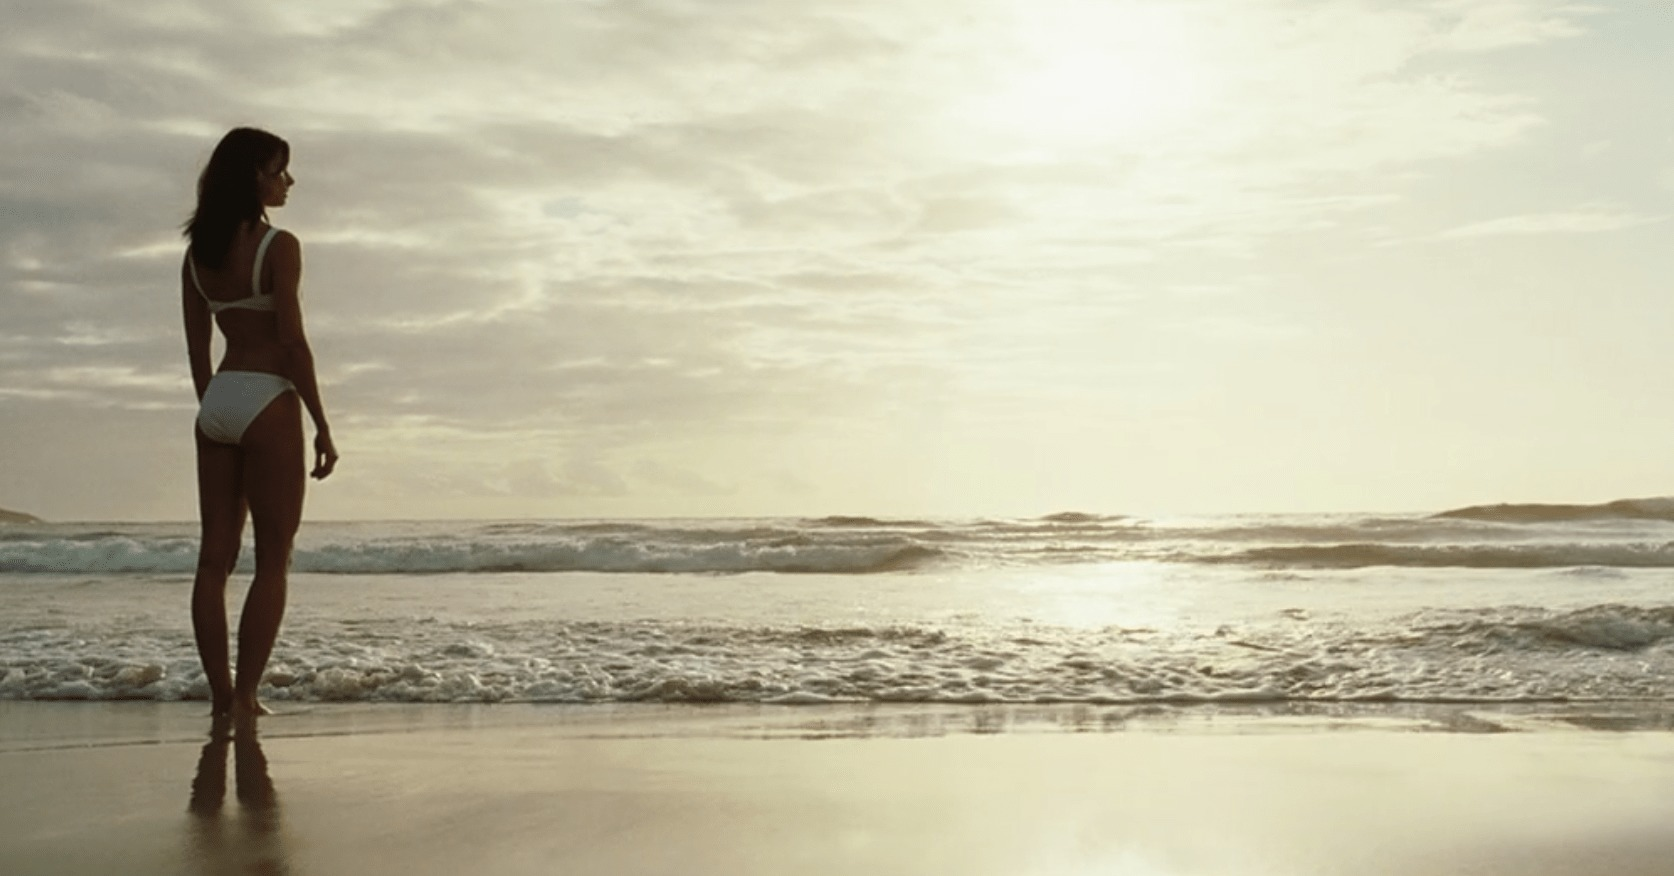 ロード・オブ・ウォーを無料動画でネタバレ紹介する記事